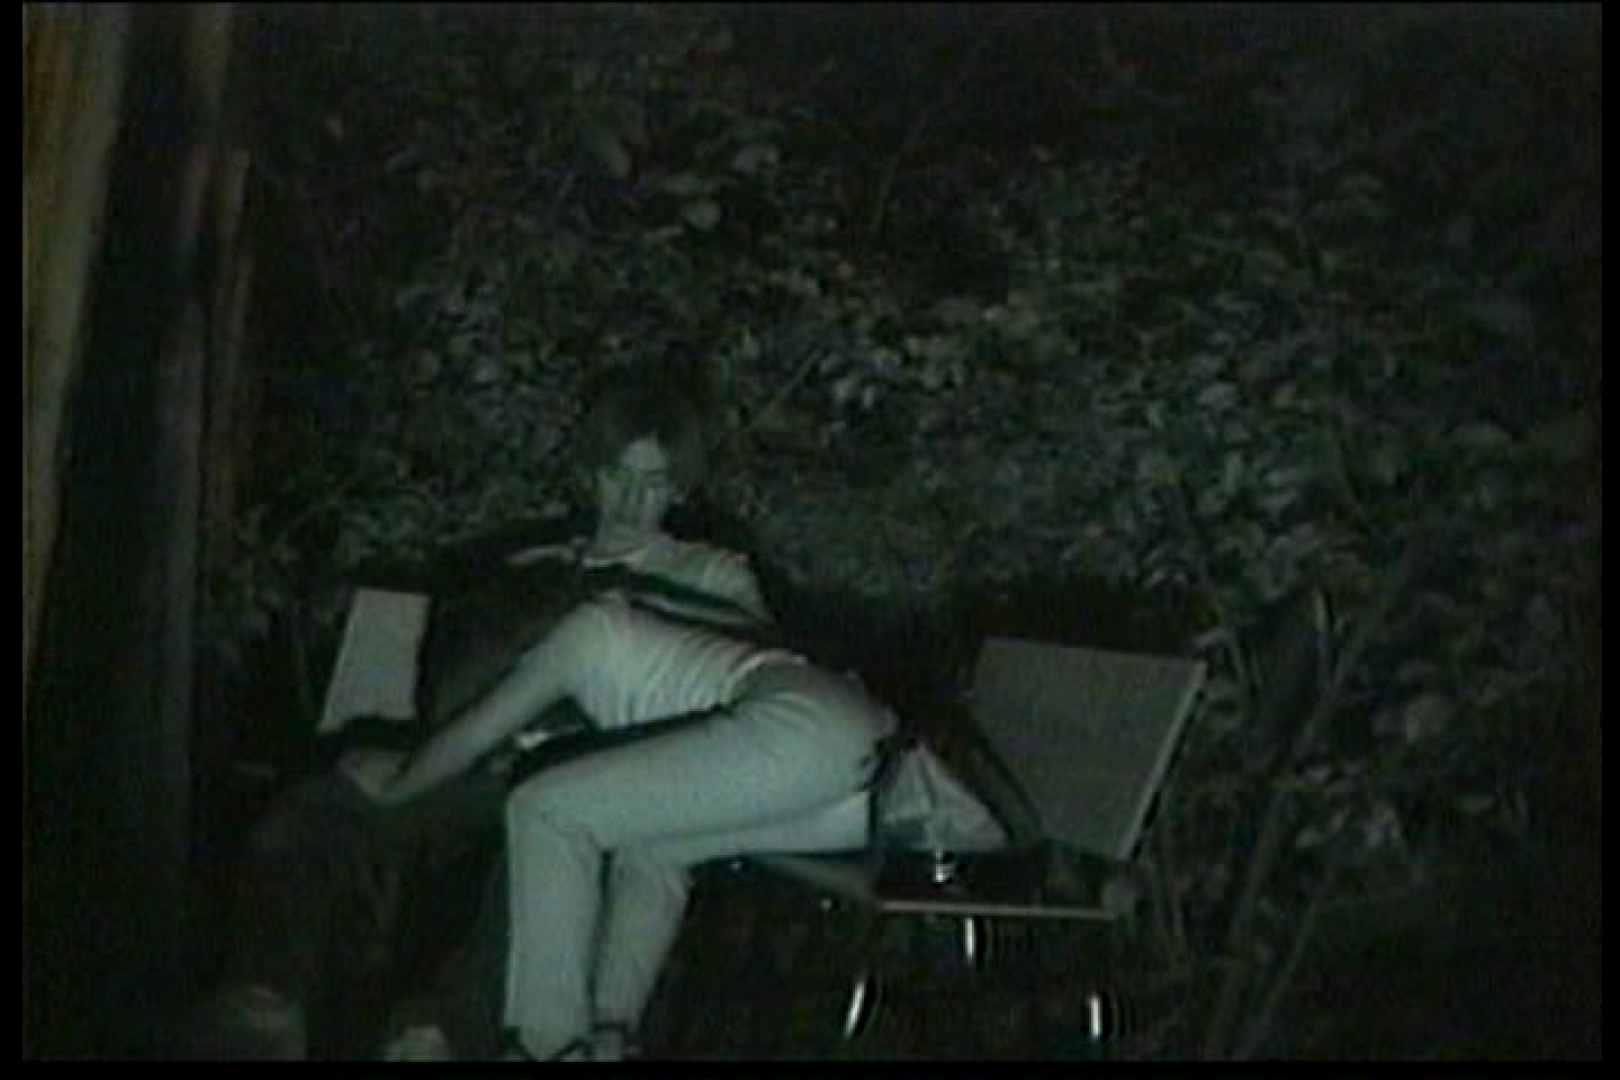 闇の仕掛け人 無修正版 Vol.16 OLヌード天国 エロ画像 78PIX 27